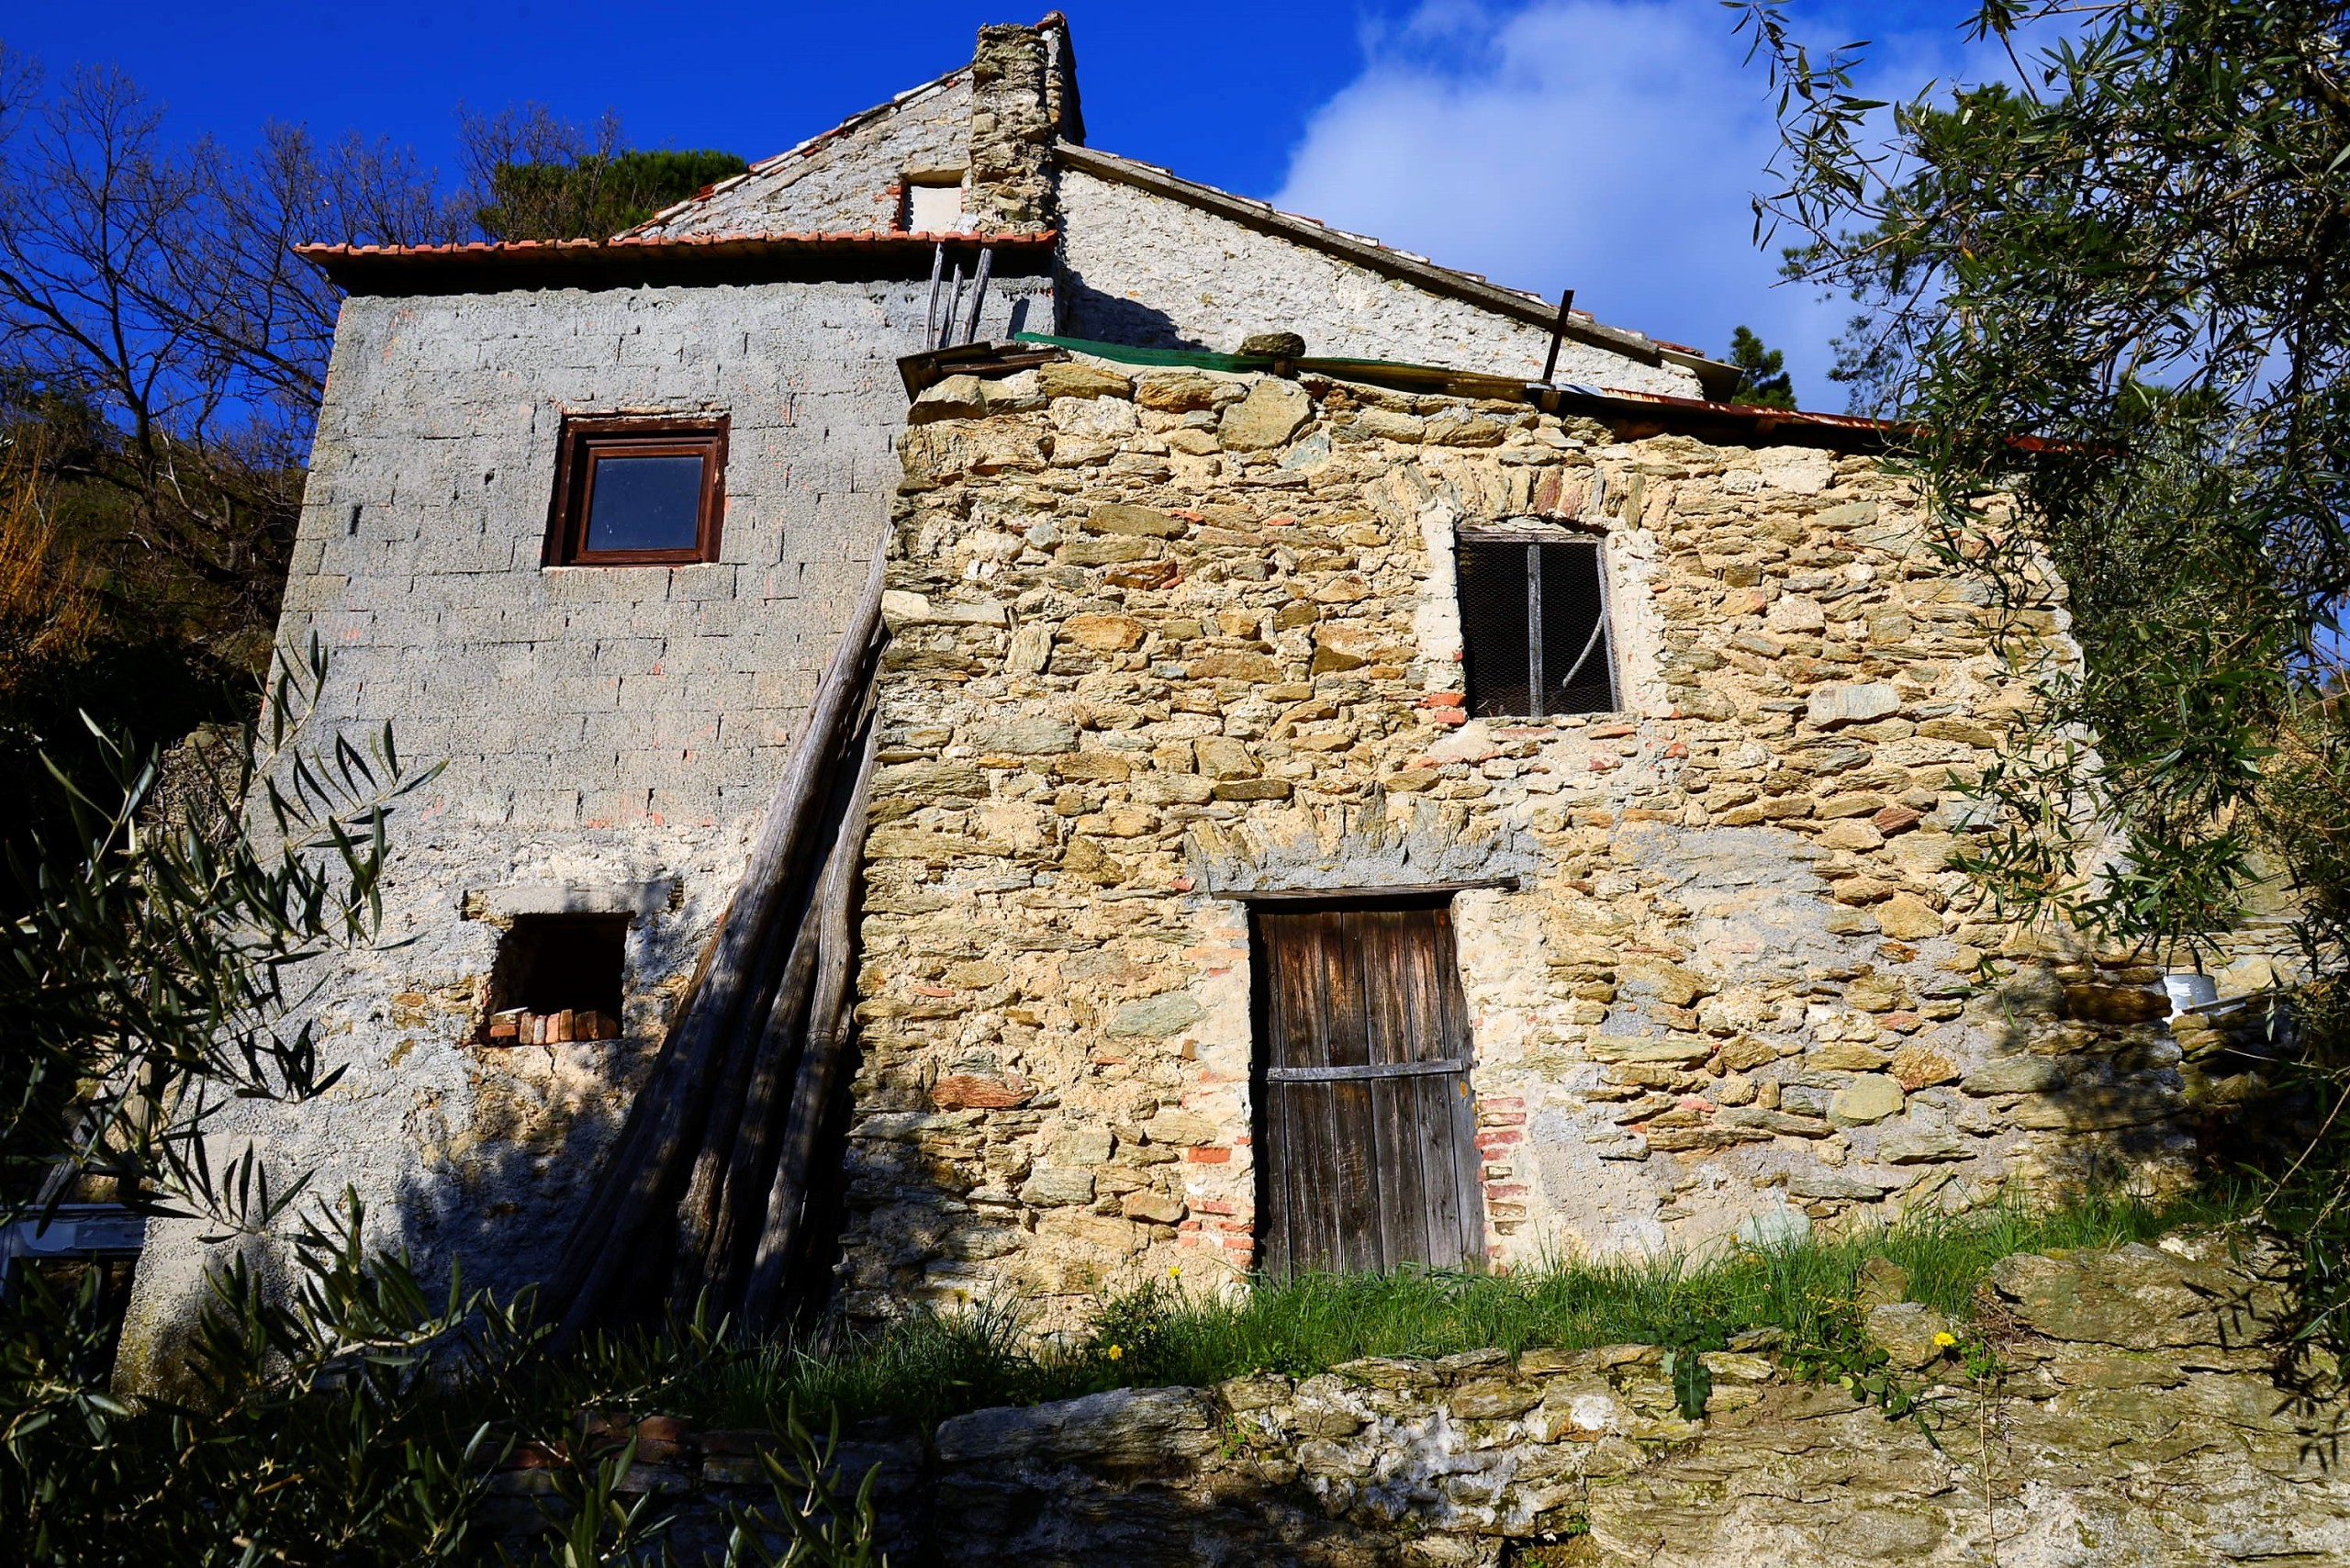 Rustico - Sant'ermete, Vado Ligure